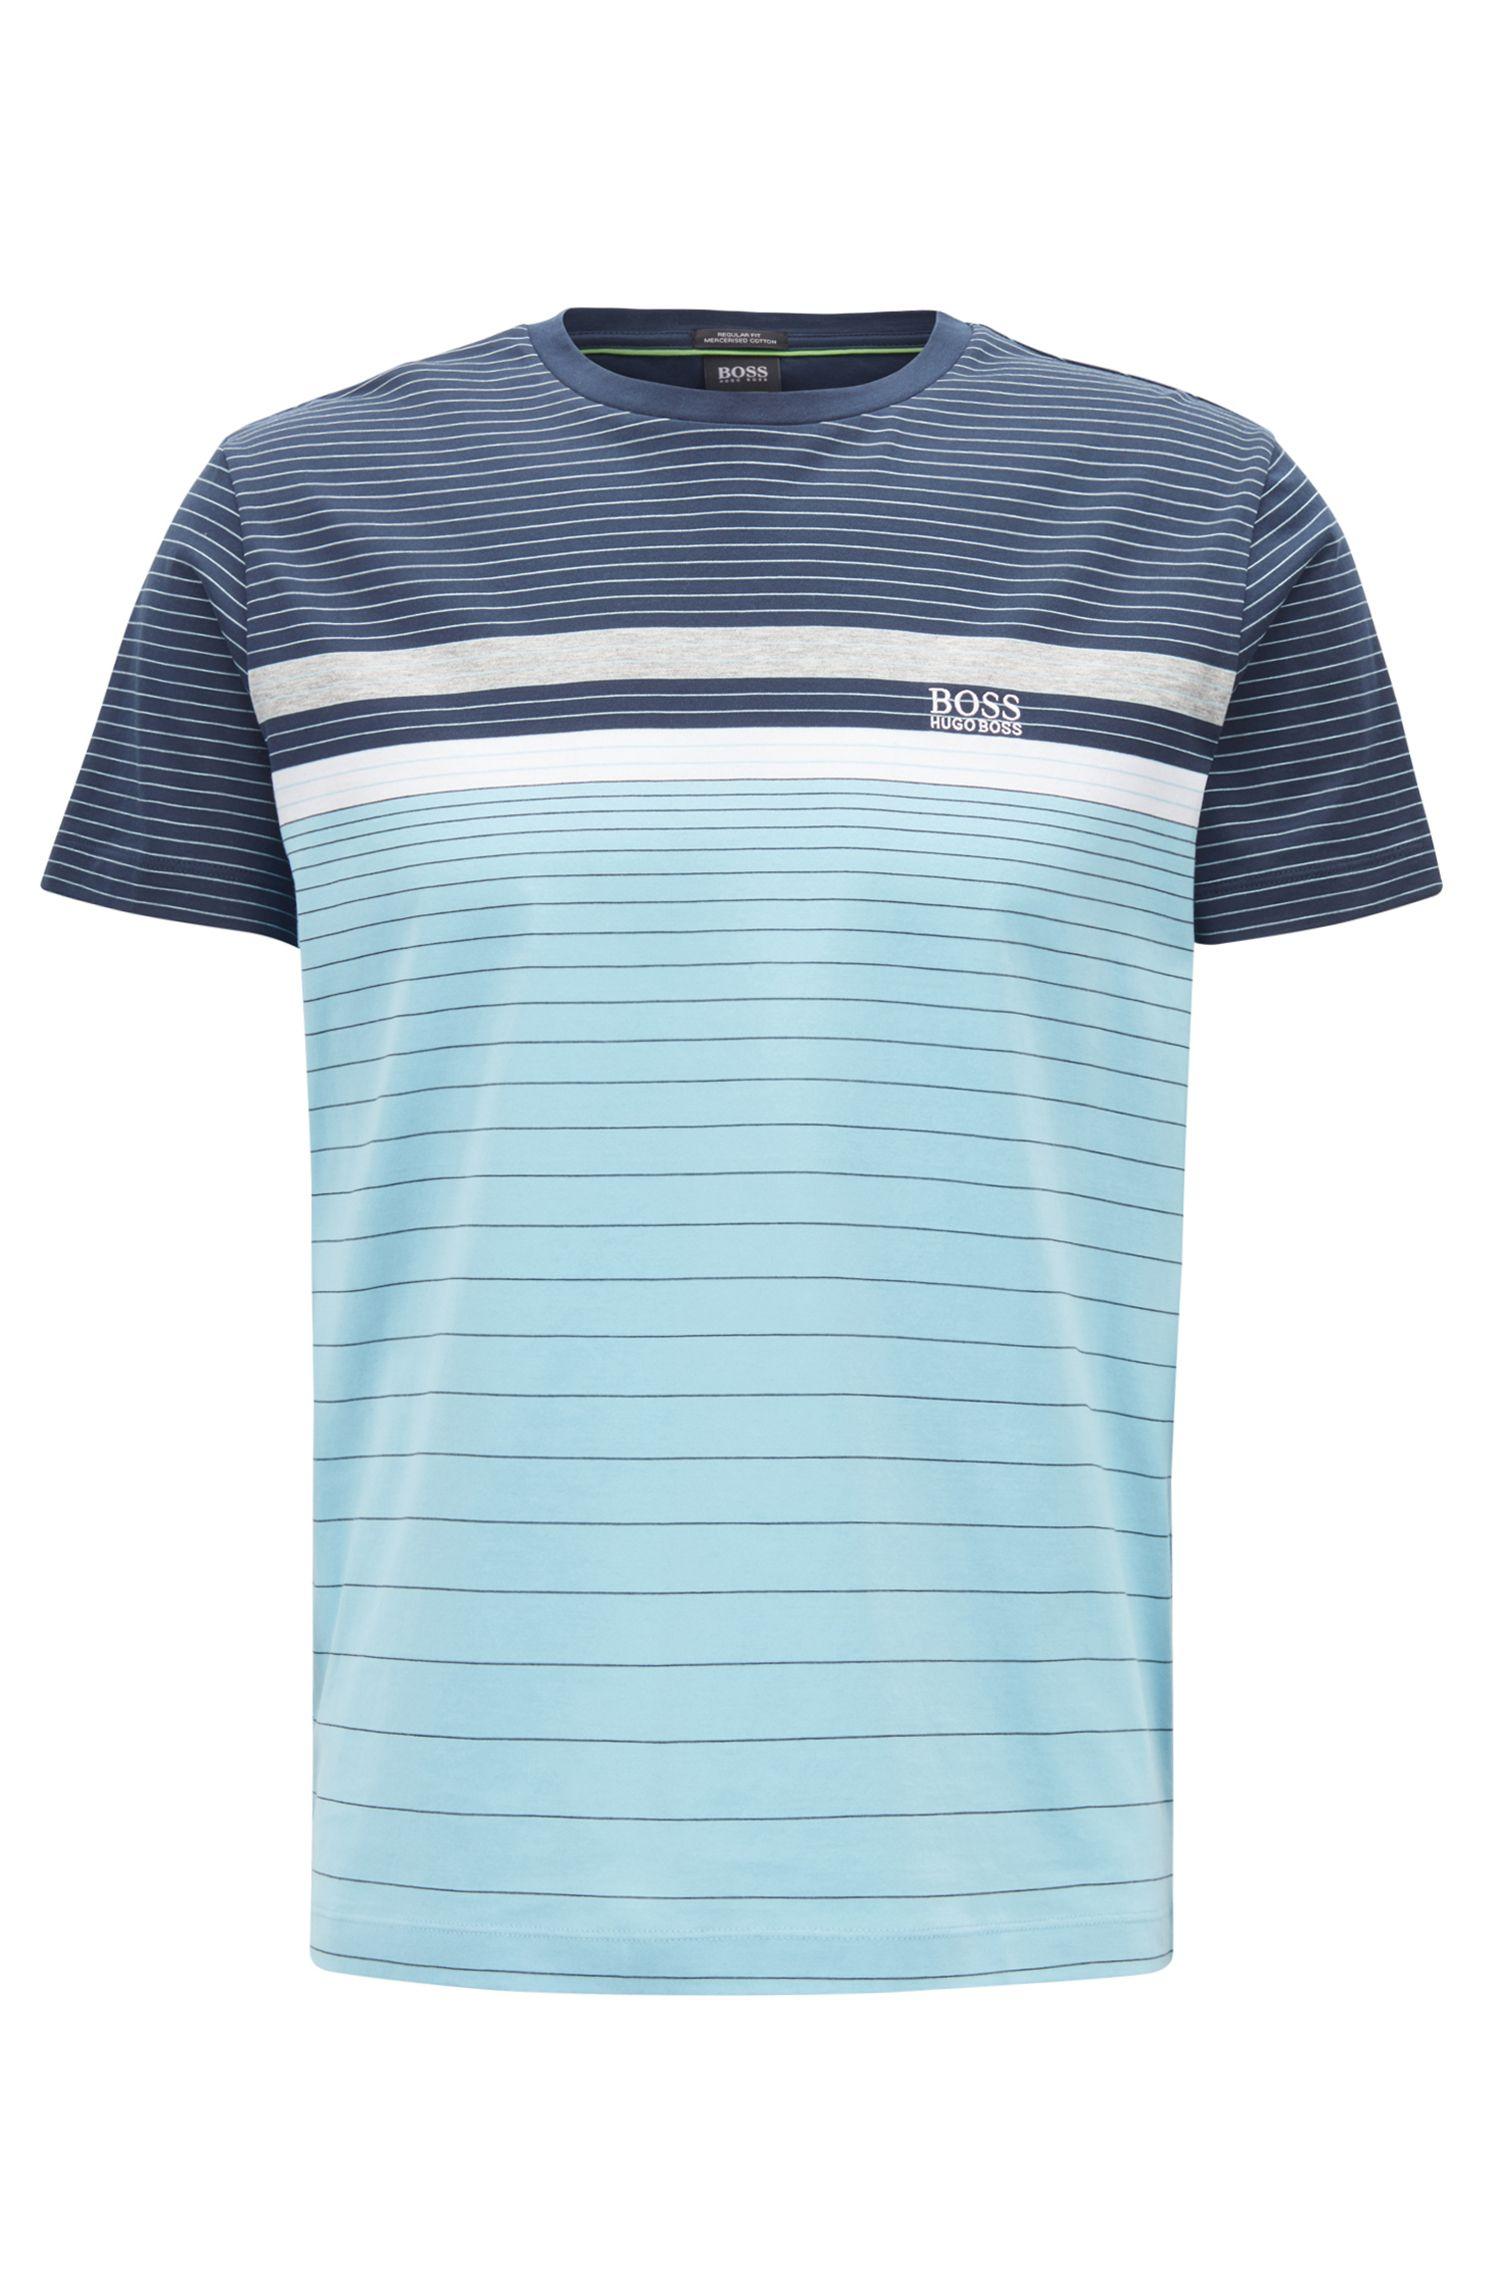 Mehrfarbiges, gestreiftes T-Shirt aus merzerisierter Baumwolle